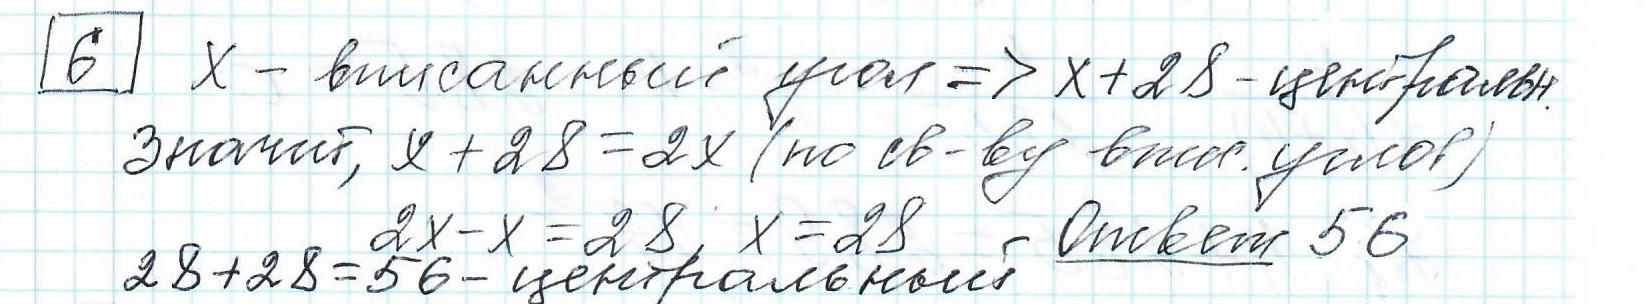 Задние 6, Вариант 8, решение и ответ - Ященко ЕГЭ 2019 математика профиль 36 вариантов